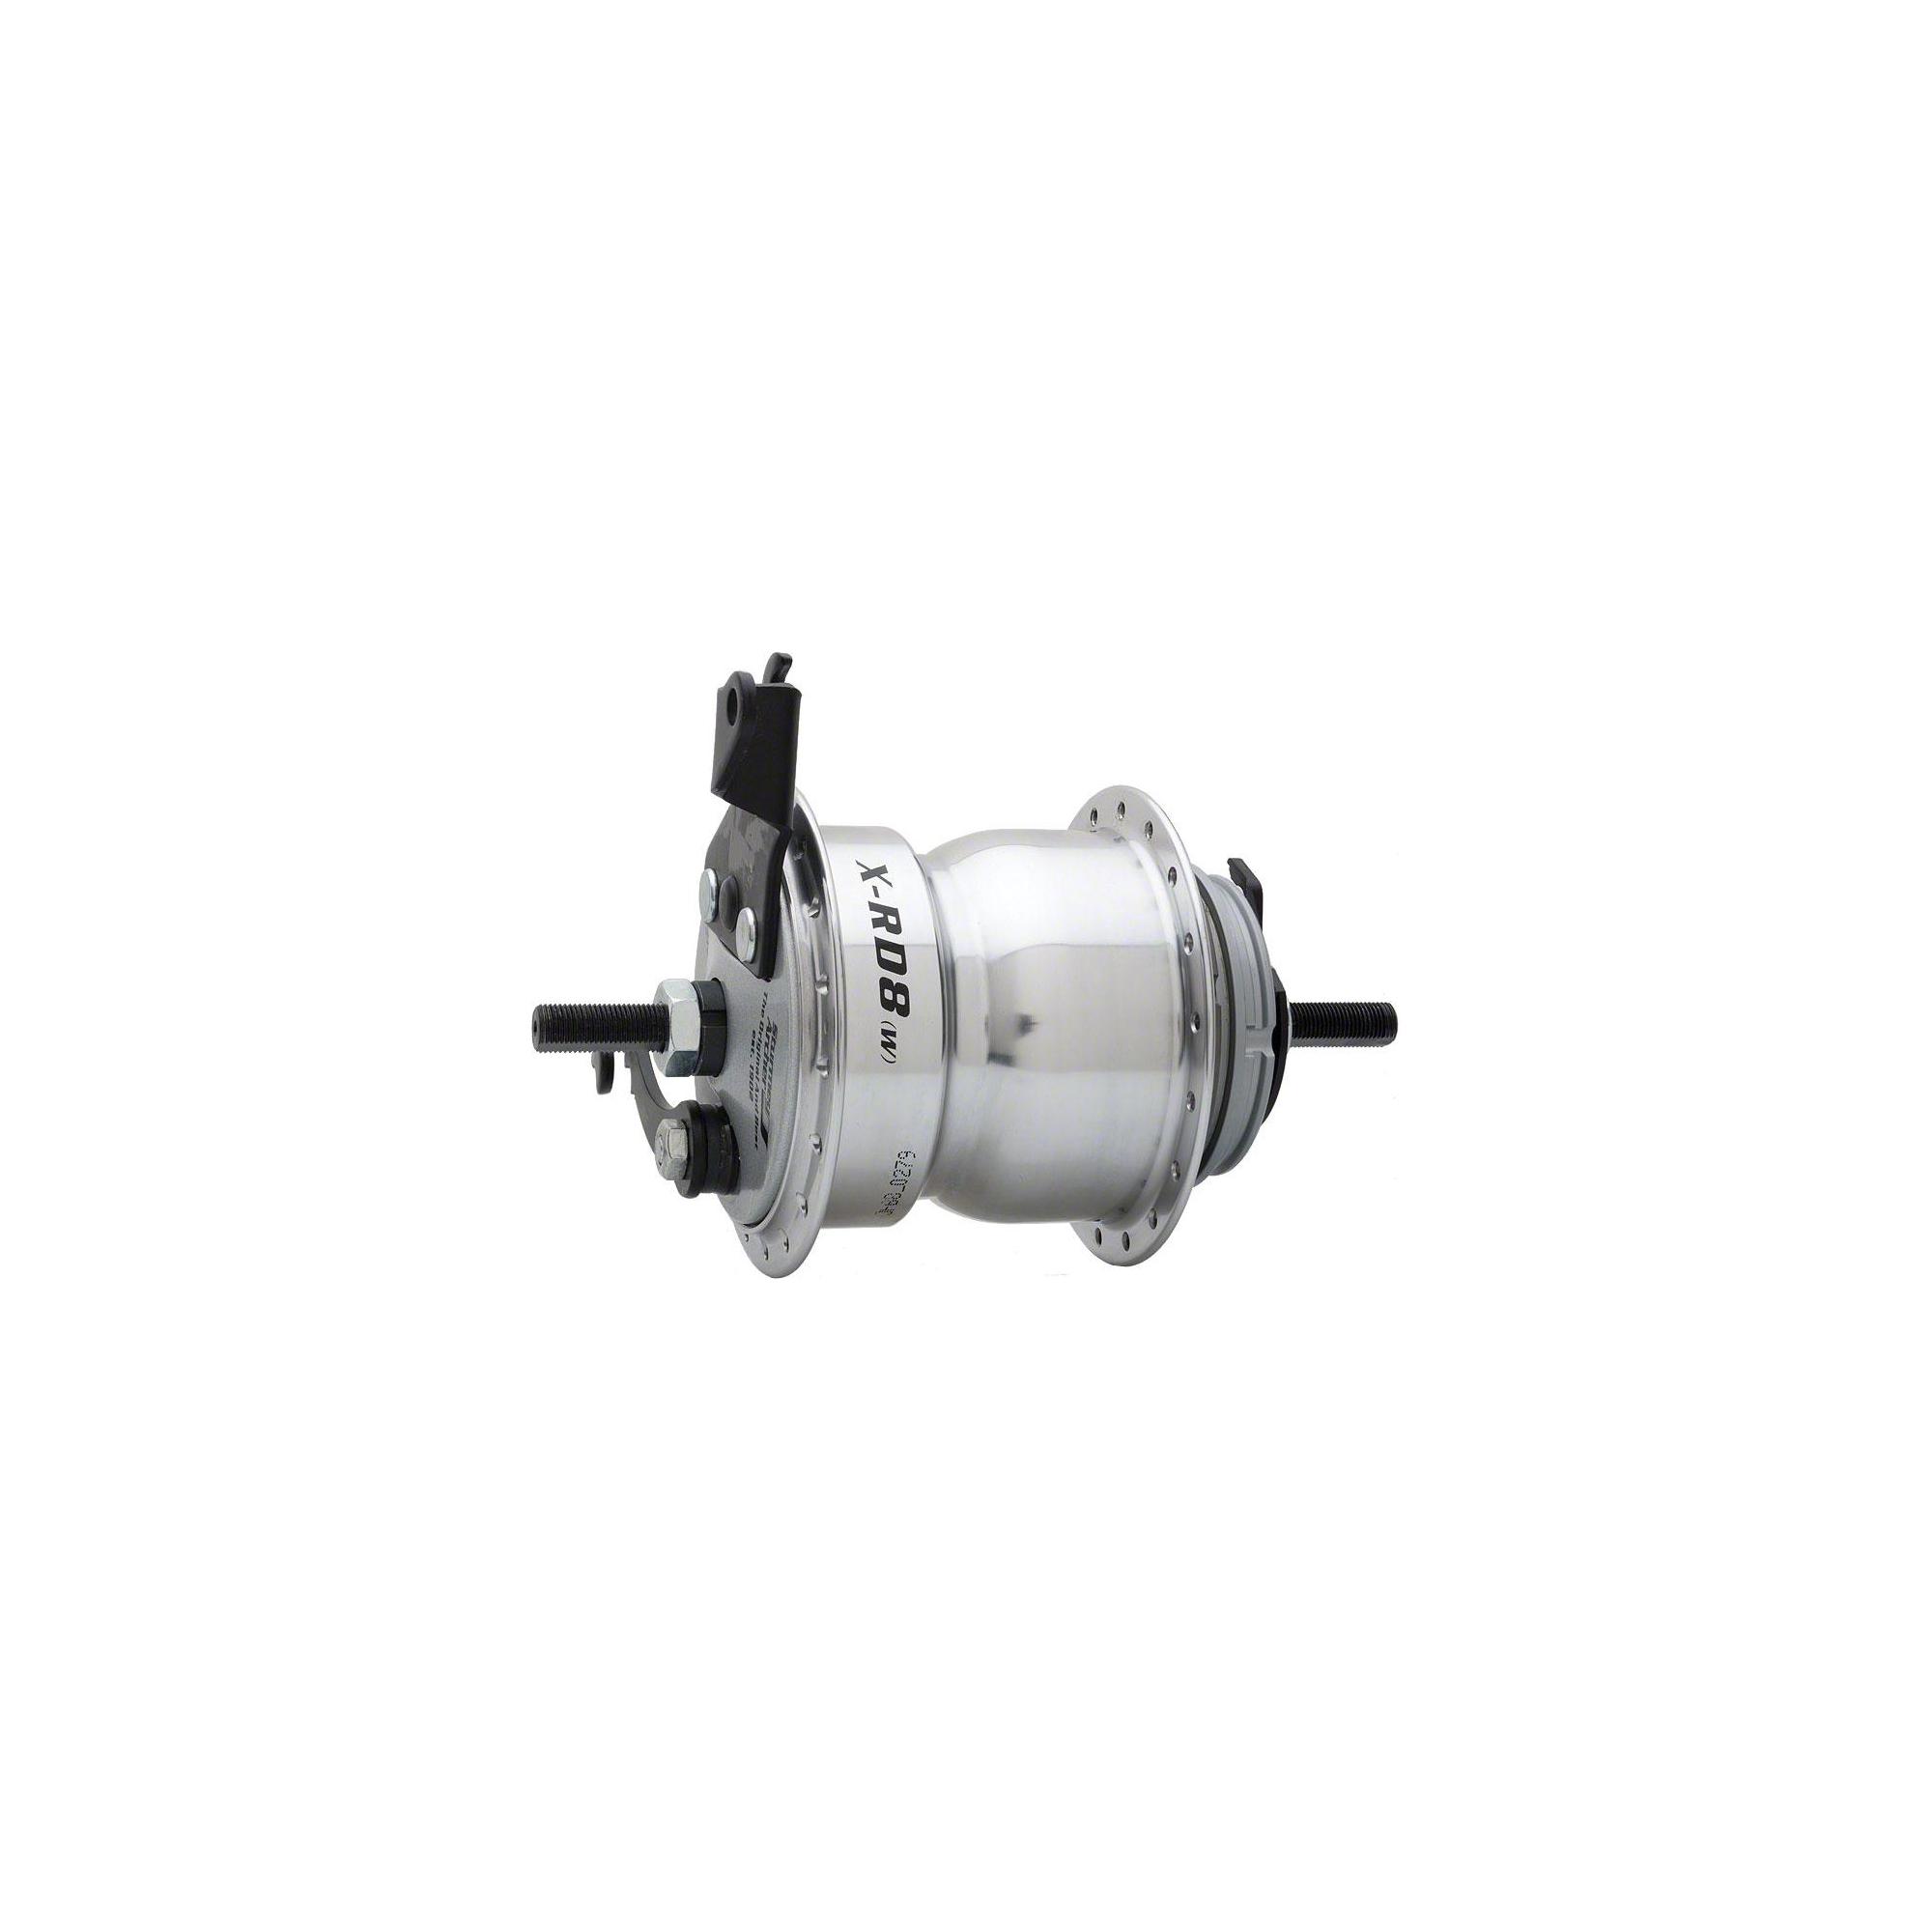 Sturmey Archer S80 XRD8 8-Speed Drum Brake Hub